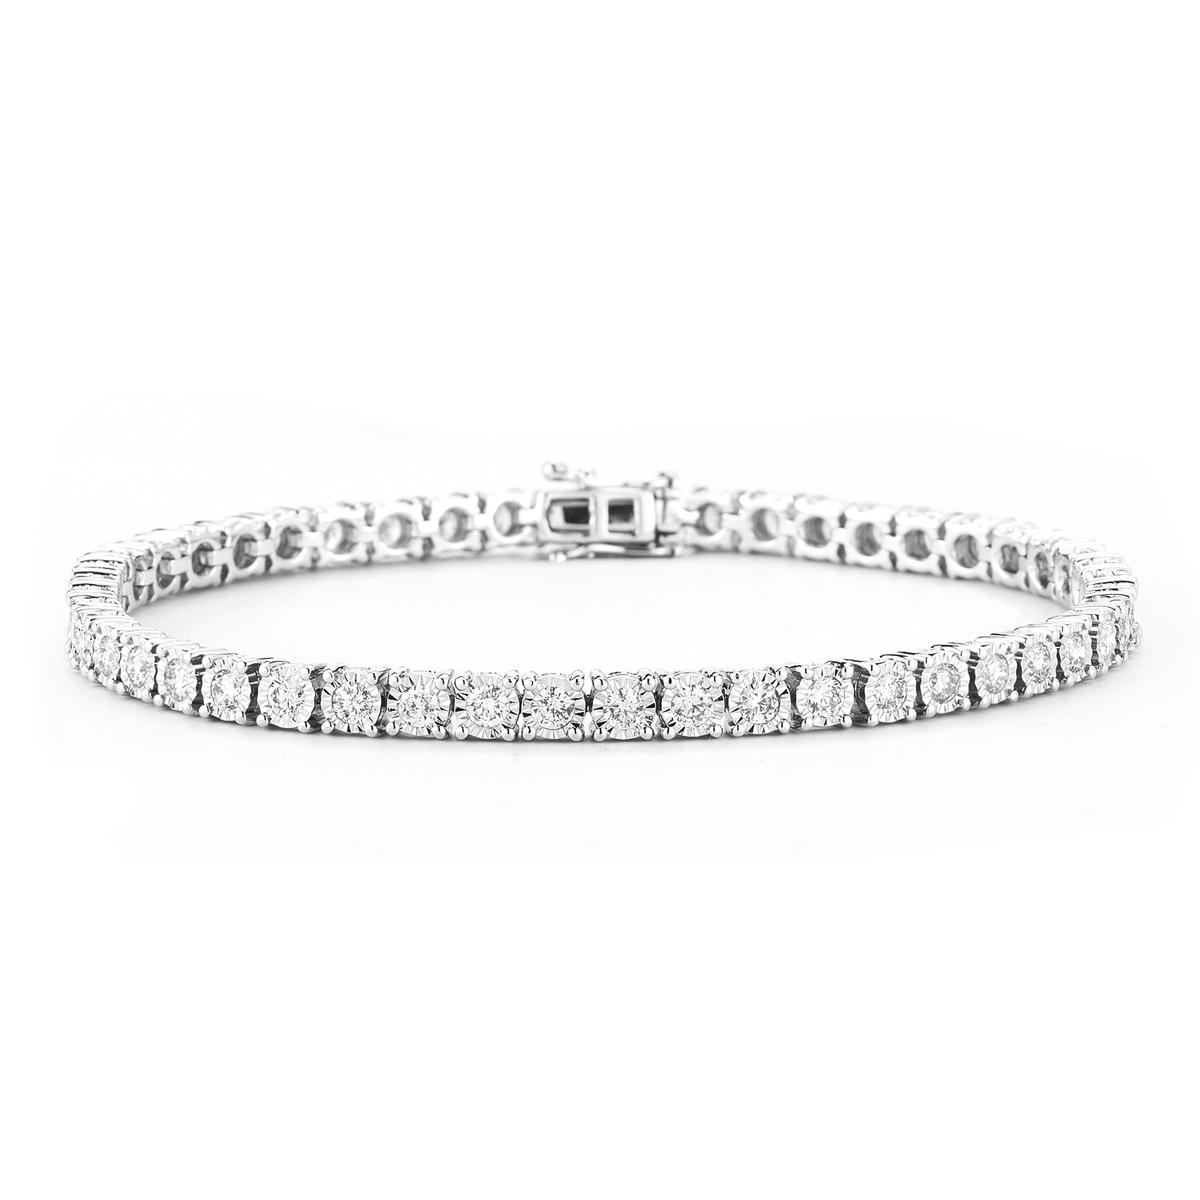 Paramout Gems 3 Carat Diamond Buttercup Bracelet